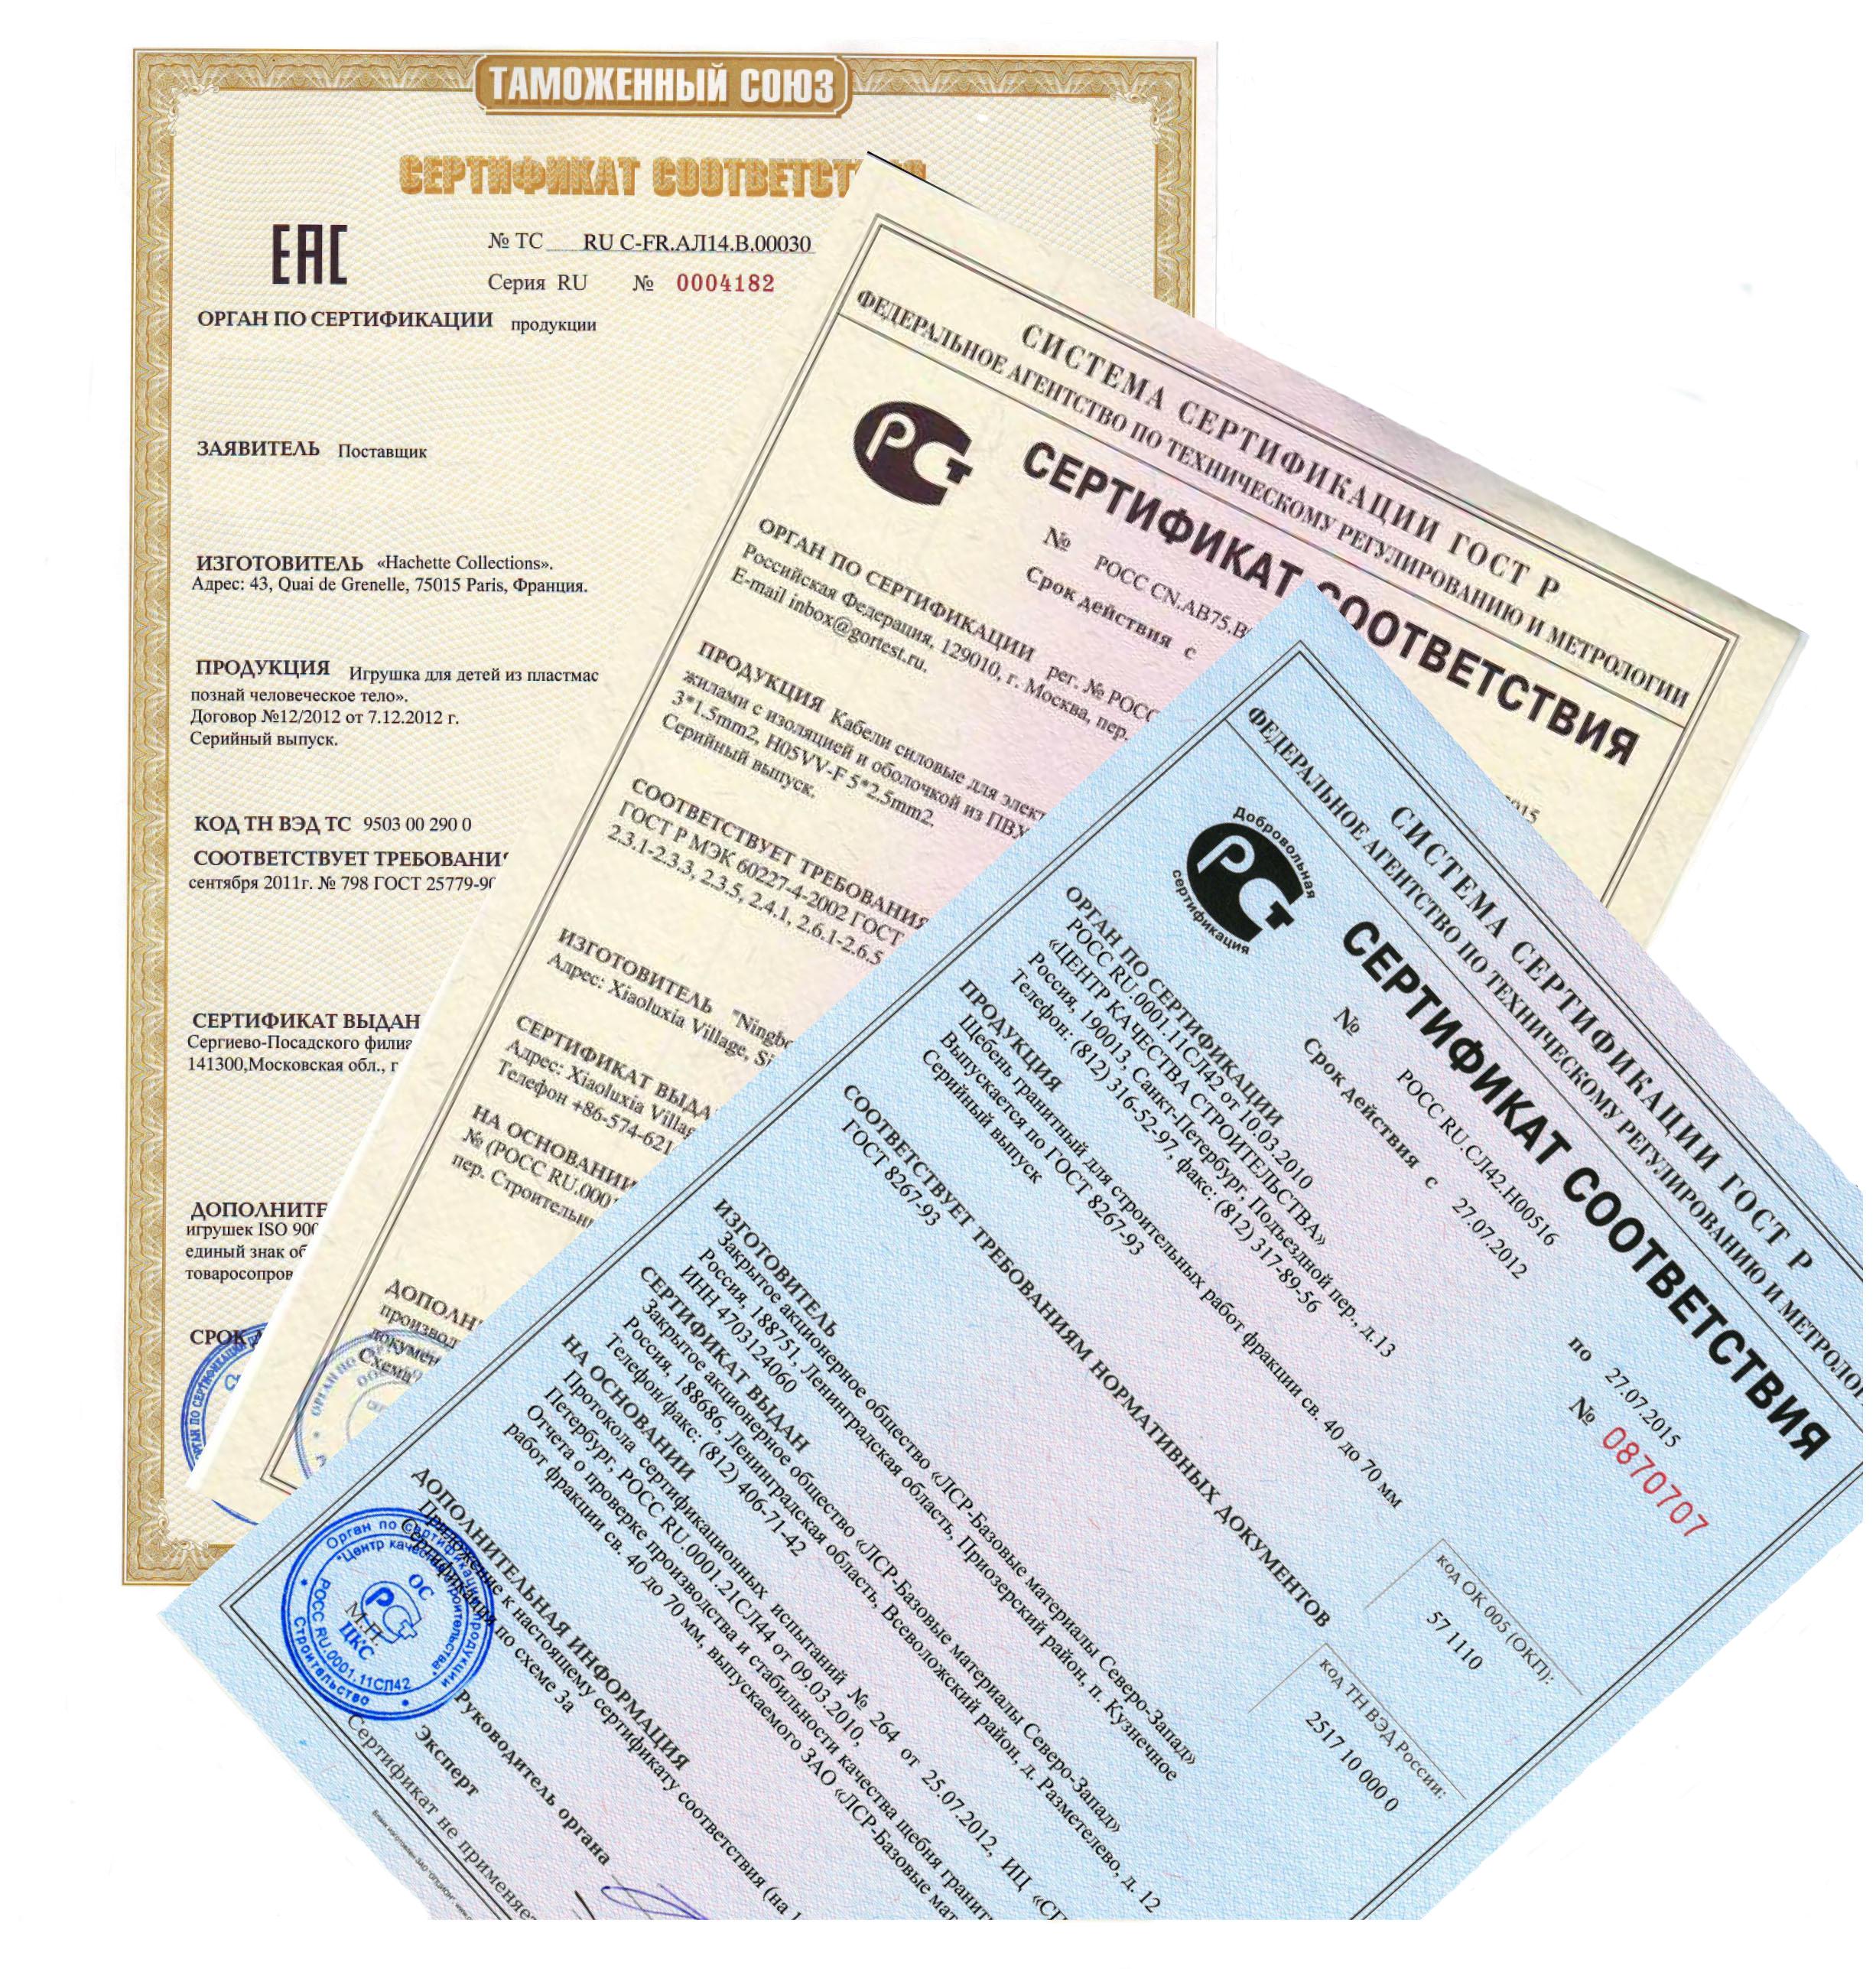 картинка сертификата на товаров выписан вам